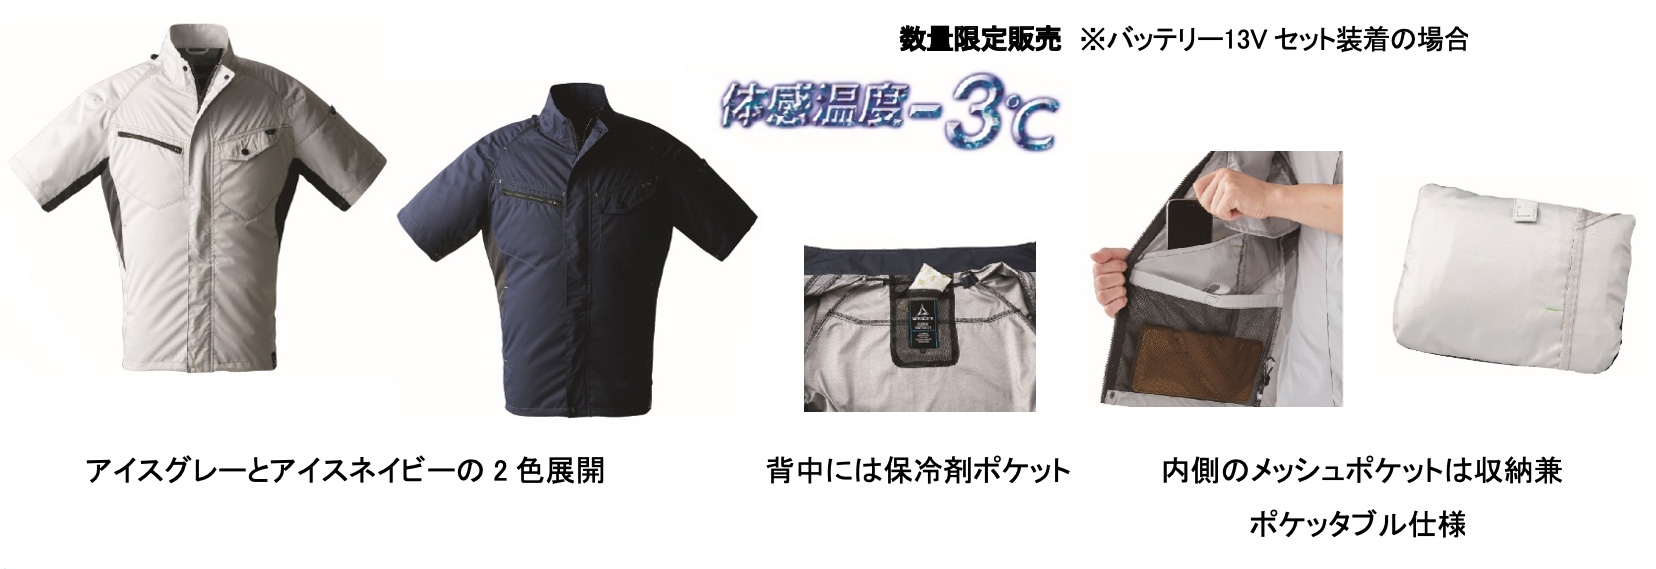 第5位 WZ1600遮熱半袖ジャンパー  税込3,900円  ファン・バッテリー合わせて税込15,780円